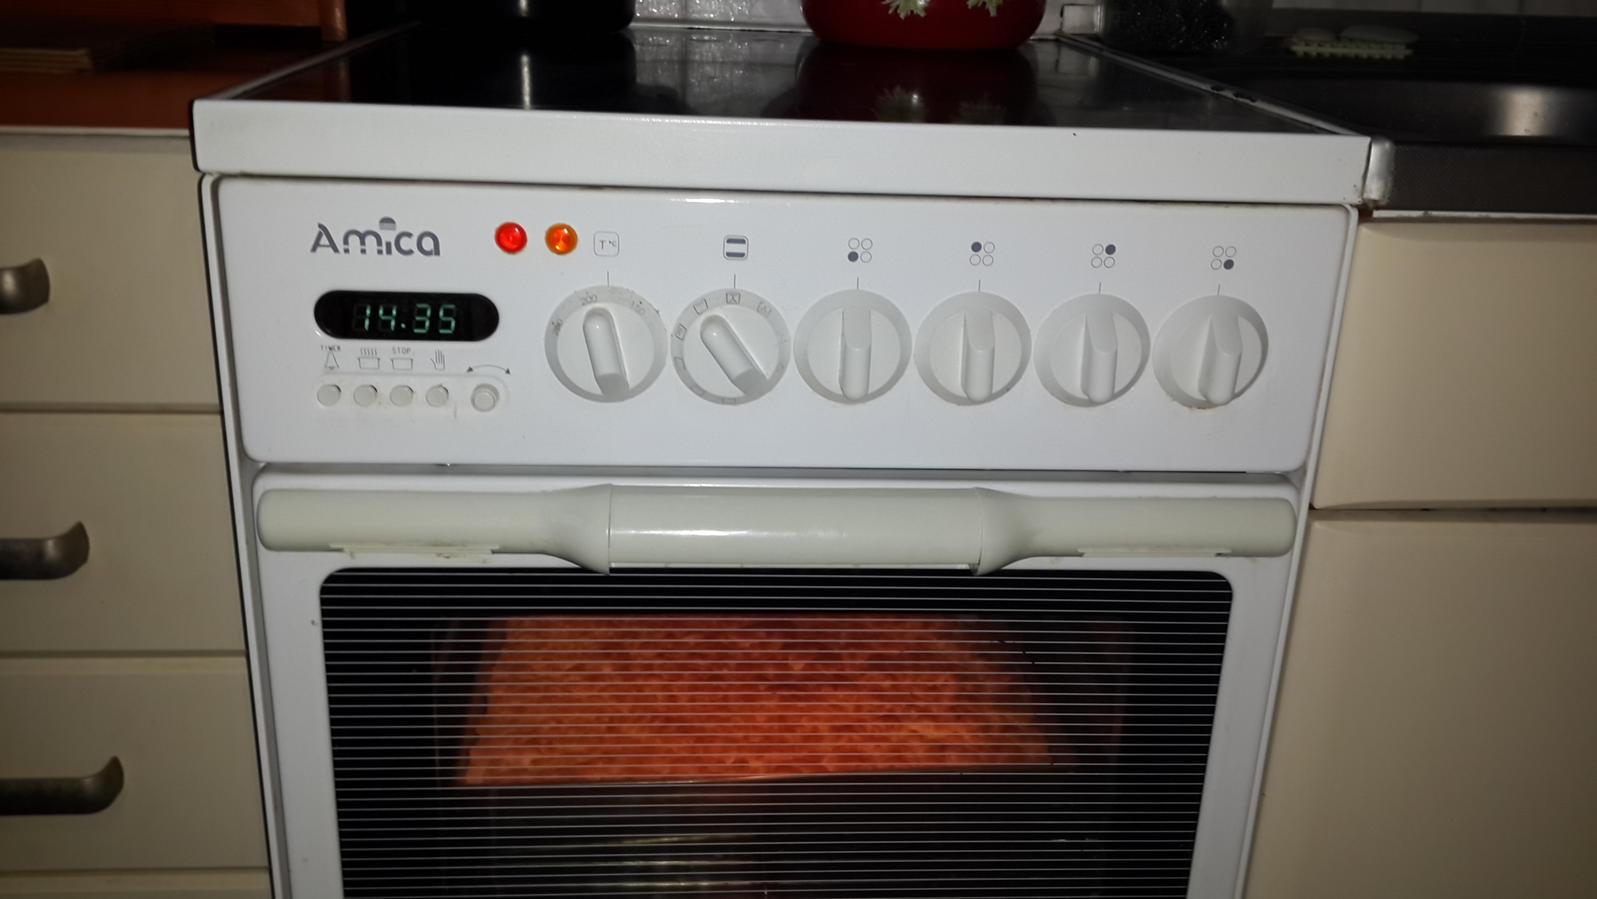 kuchenka Amica z płytą ceramiczną  elektroda pl -> Kuchnia Elektryczna Amica Instrukcja Obslugi